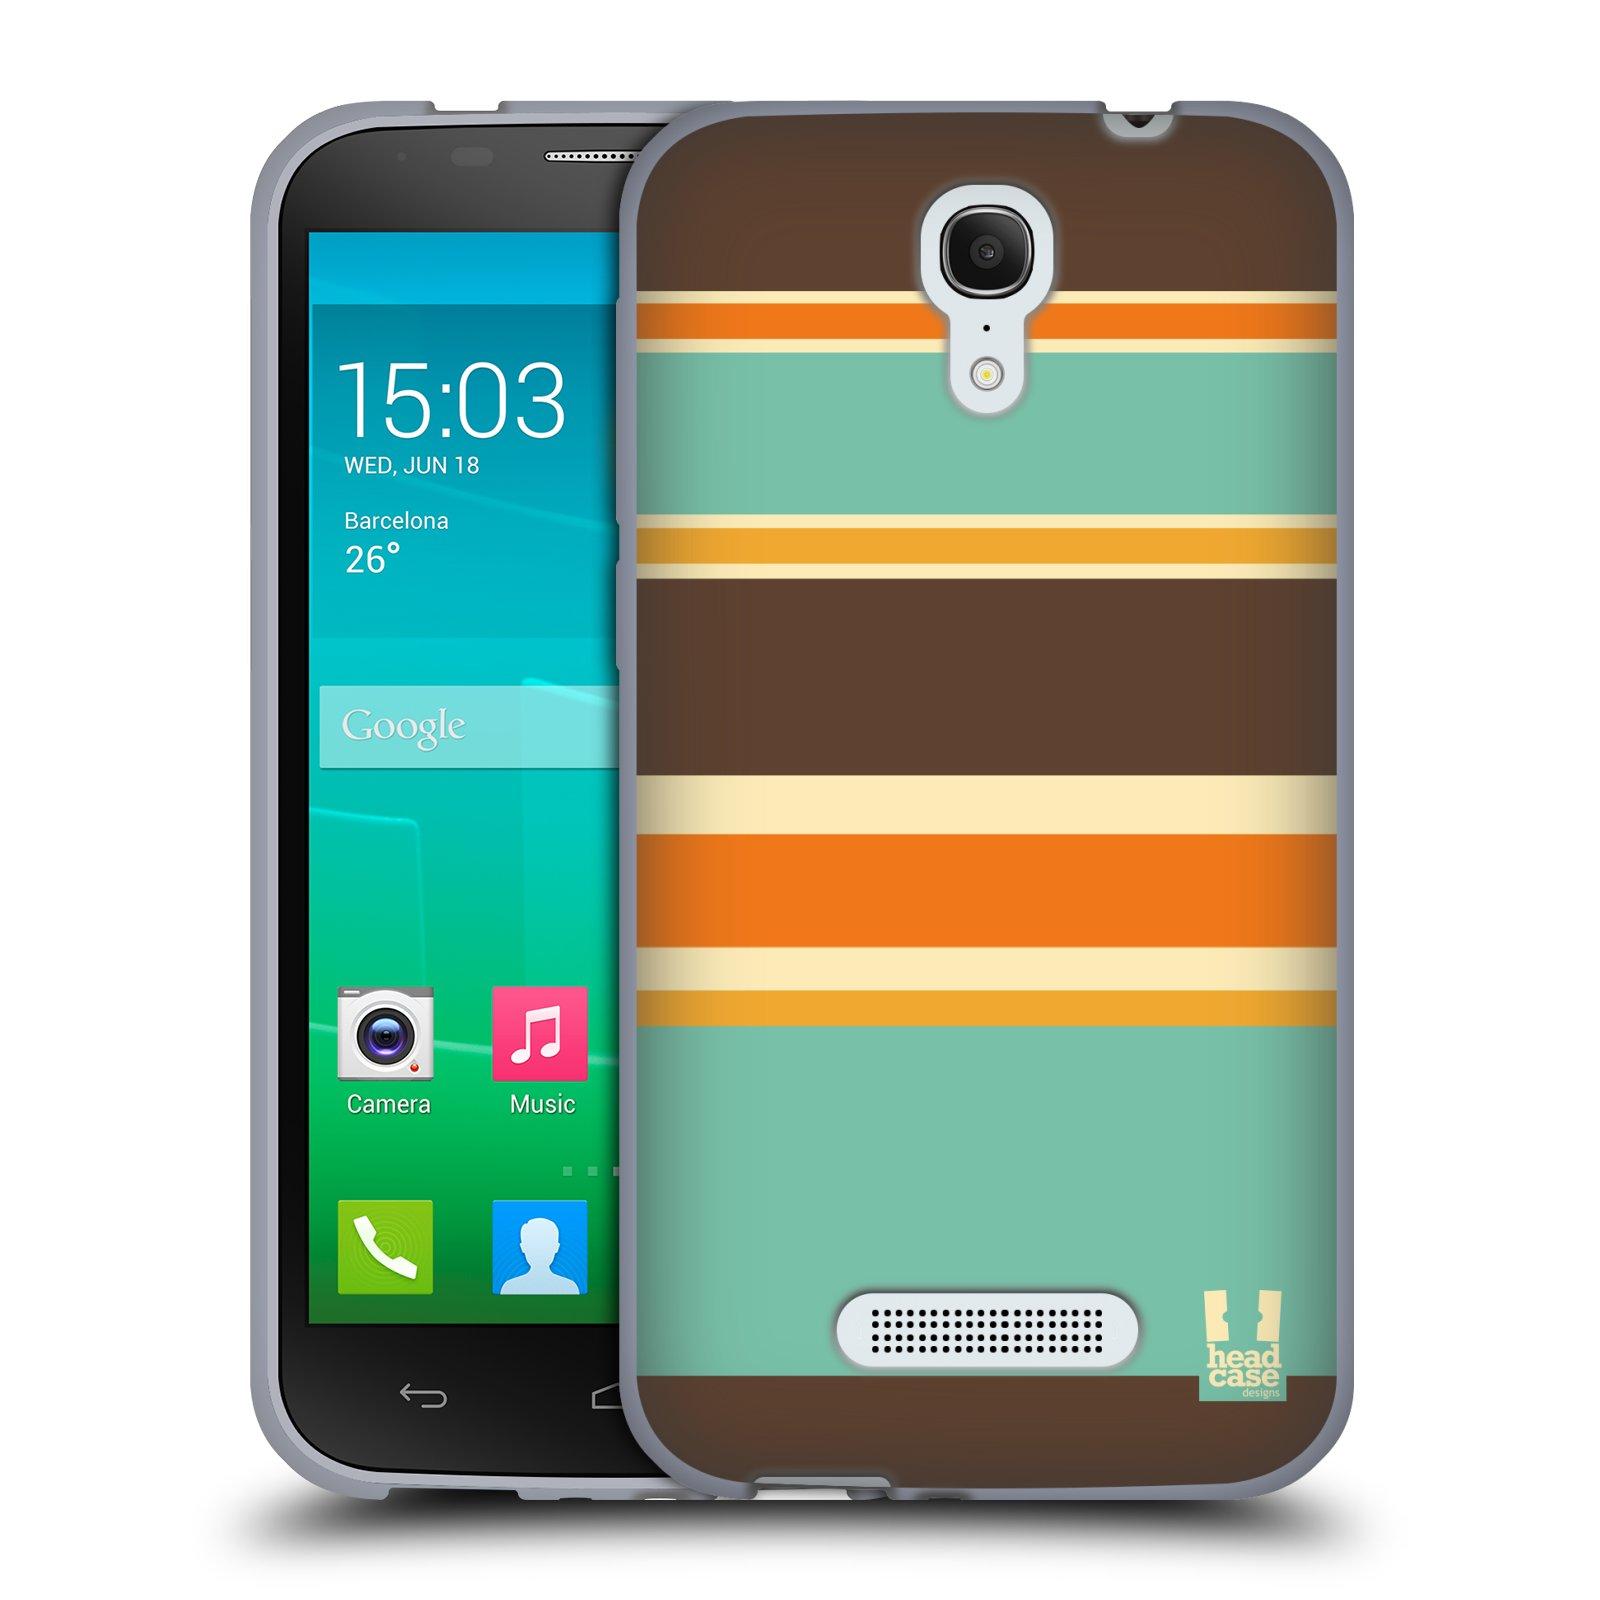 HEAD CASE silikonový obal na mobil Alcatel POP S7 vzor Barevné proužky ORANŽOVÁ A HNĚDÁ